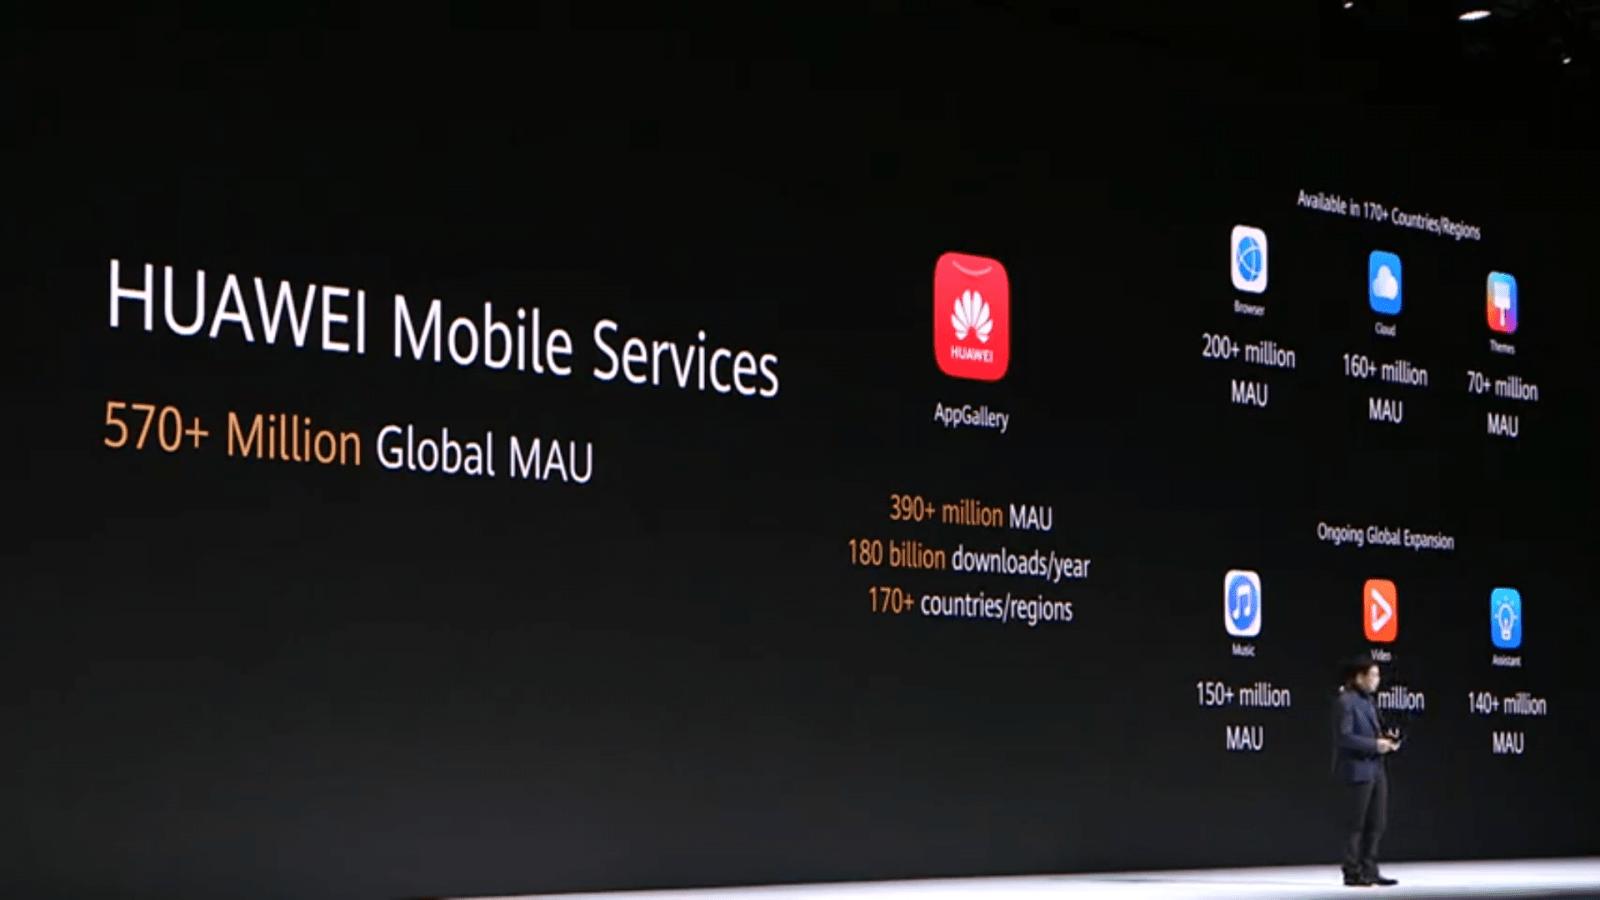 Устройствами Huawei и Honor пользуются 700 миллионов человек (hmsteaser)